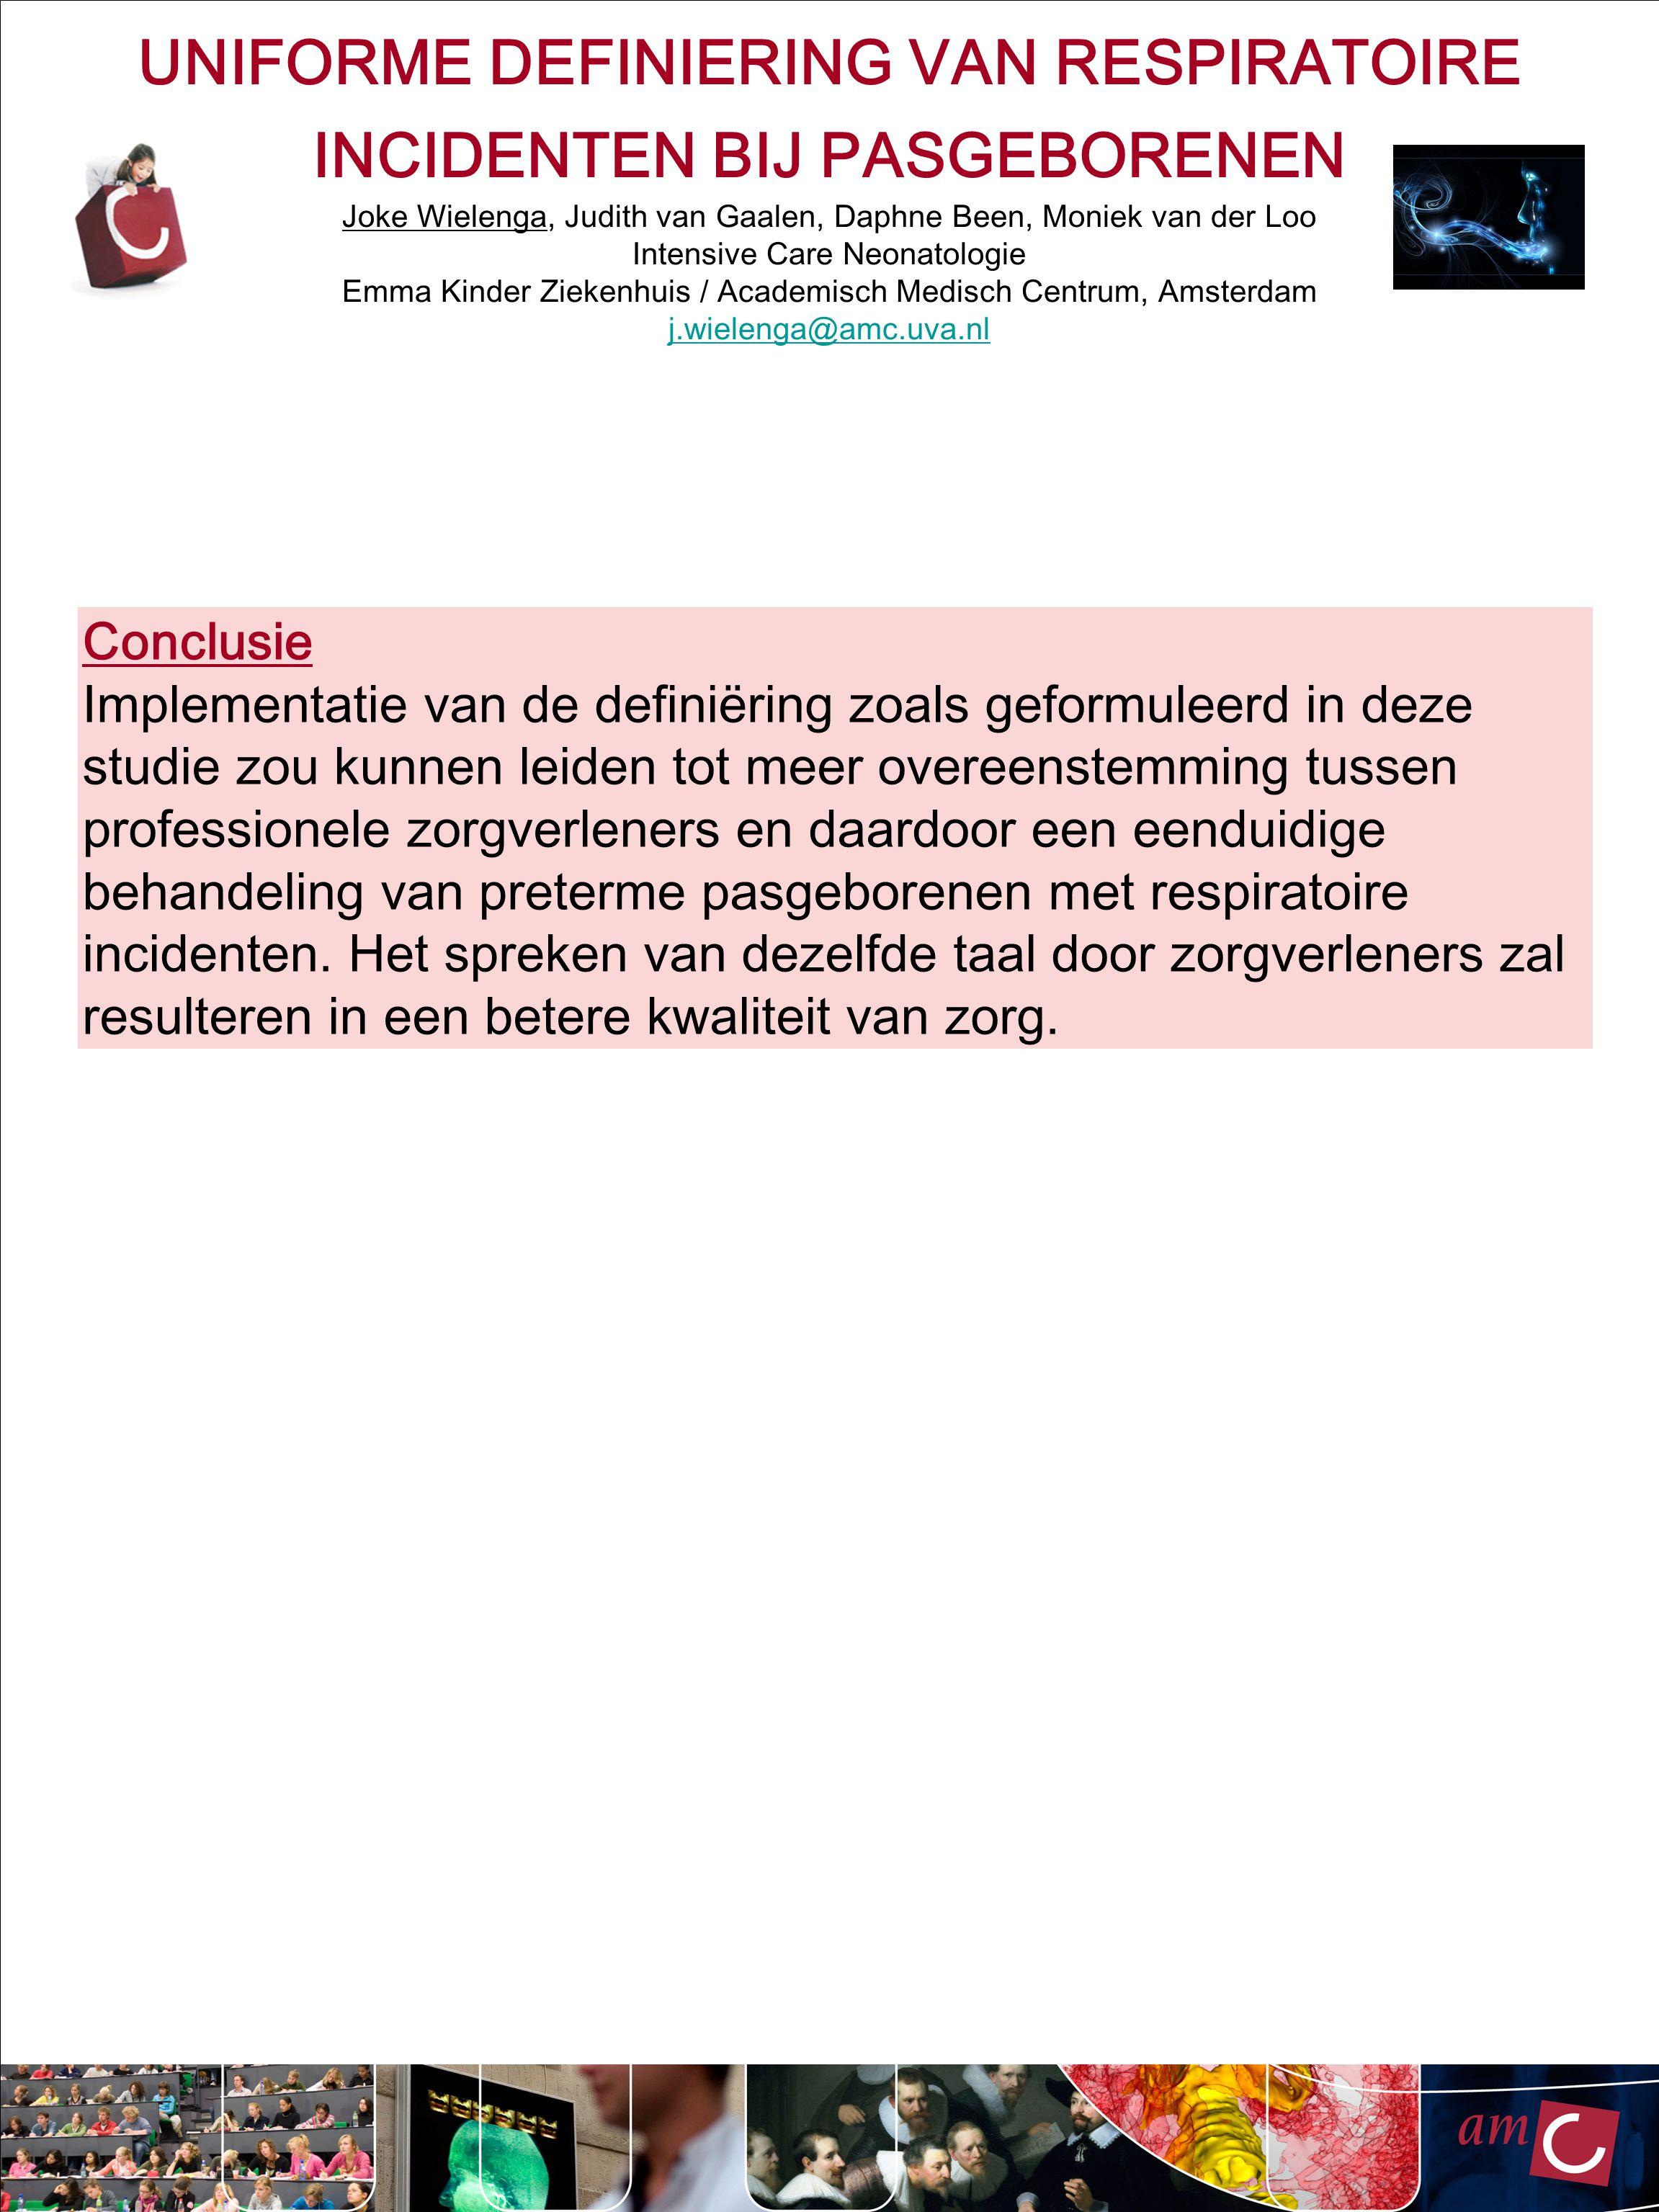 UNIFORME DEFINIERING VAN RESPIRATOIRE INCIDENTEN BIJ PASGEBORENEN Joke Wielenga, Judith van Gaalen, Daphne Been, Moniek van der Loo Intensive Care Neonatologie Emma Kinder Ziekenhuis / Academisch Medisch Centrum, Amsterdam j.wielenga@amc.uva.nl Conclusie Implementatie van de definiëring zoals geformuleerd in deze studie zou kunnen leiden tot meer overeenstemming tussen professionele zorgverleners en daardoor een eenduidige behandeling van preterme pasgeborenen met respiratoire incidenten.